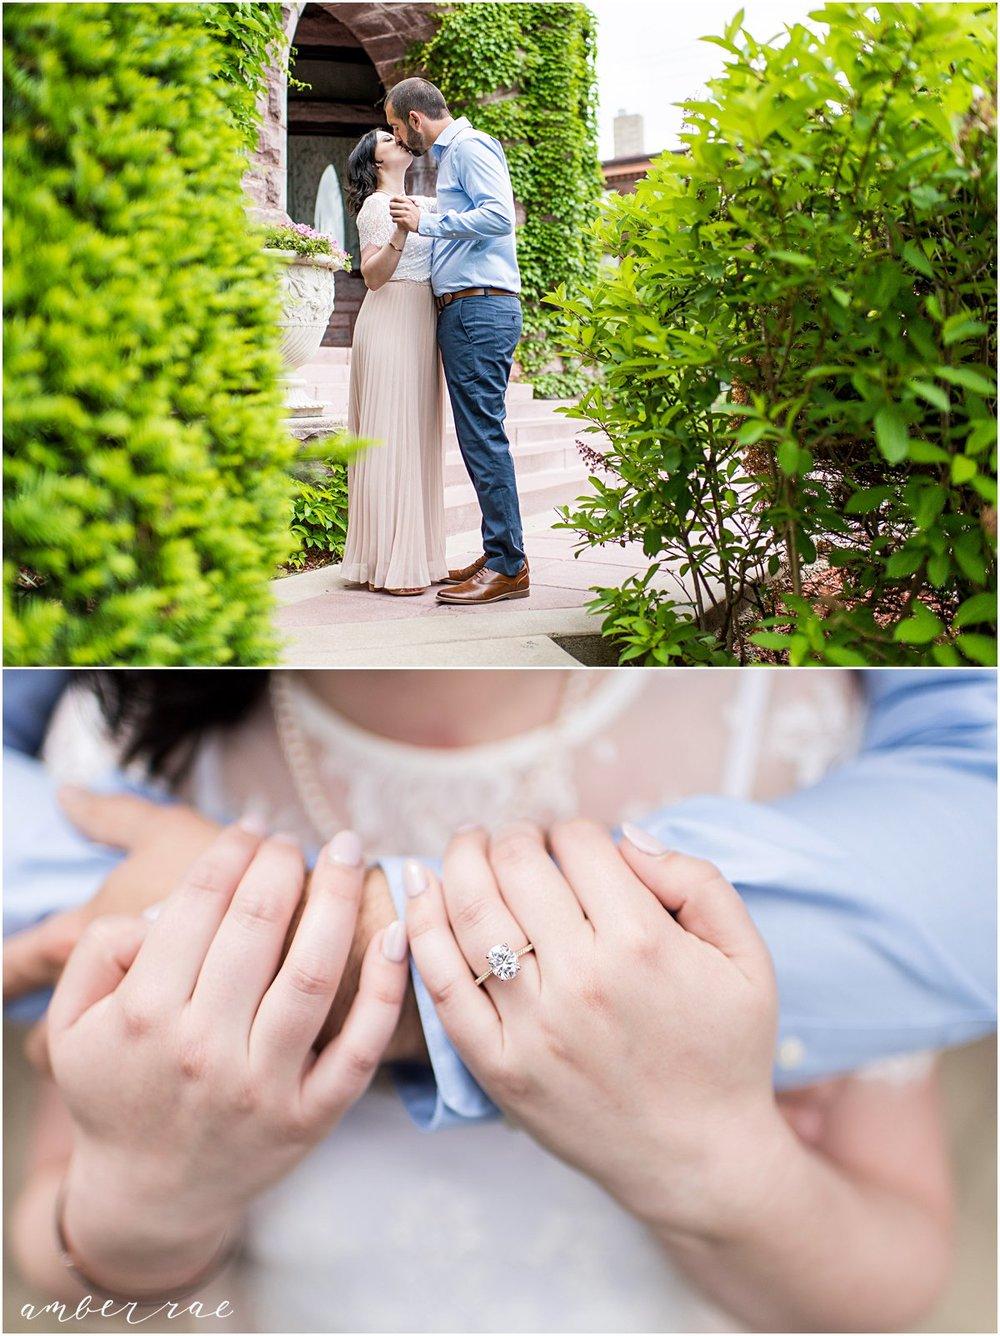 Chris + Kira, Engaged | June 2018_0008.jpg